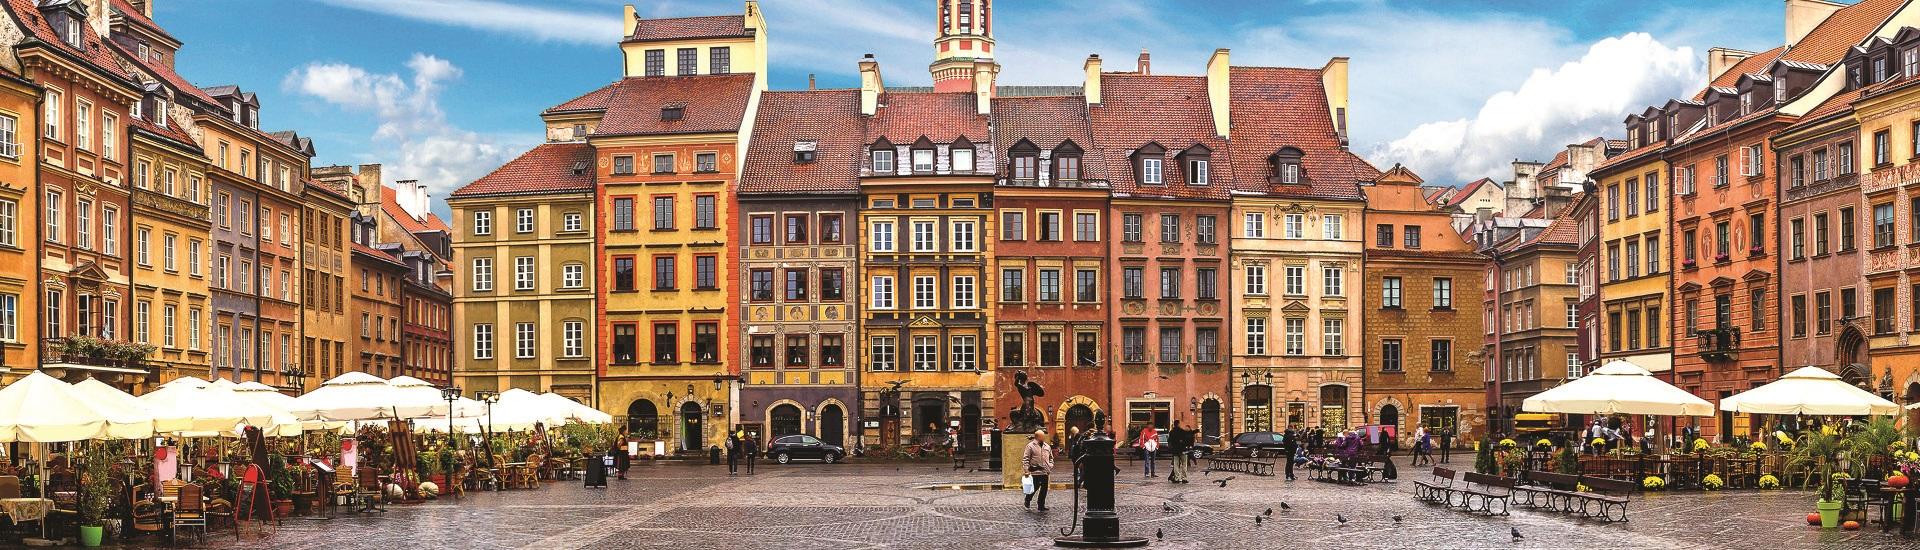 טיול מאורגן לפולין 10 ימים - ישן מול חדש, מורשת יהודית, תרבות והיסטוריה, נופים וטבע